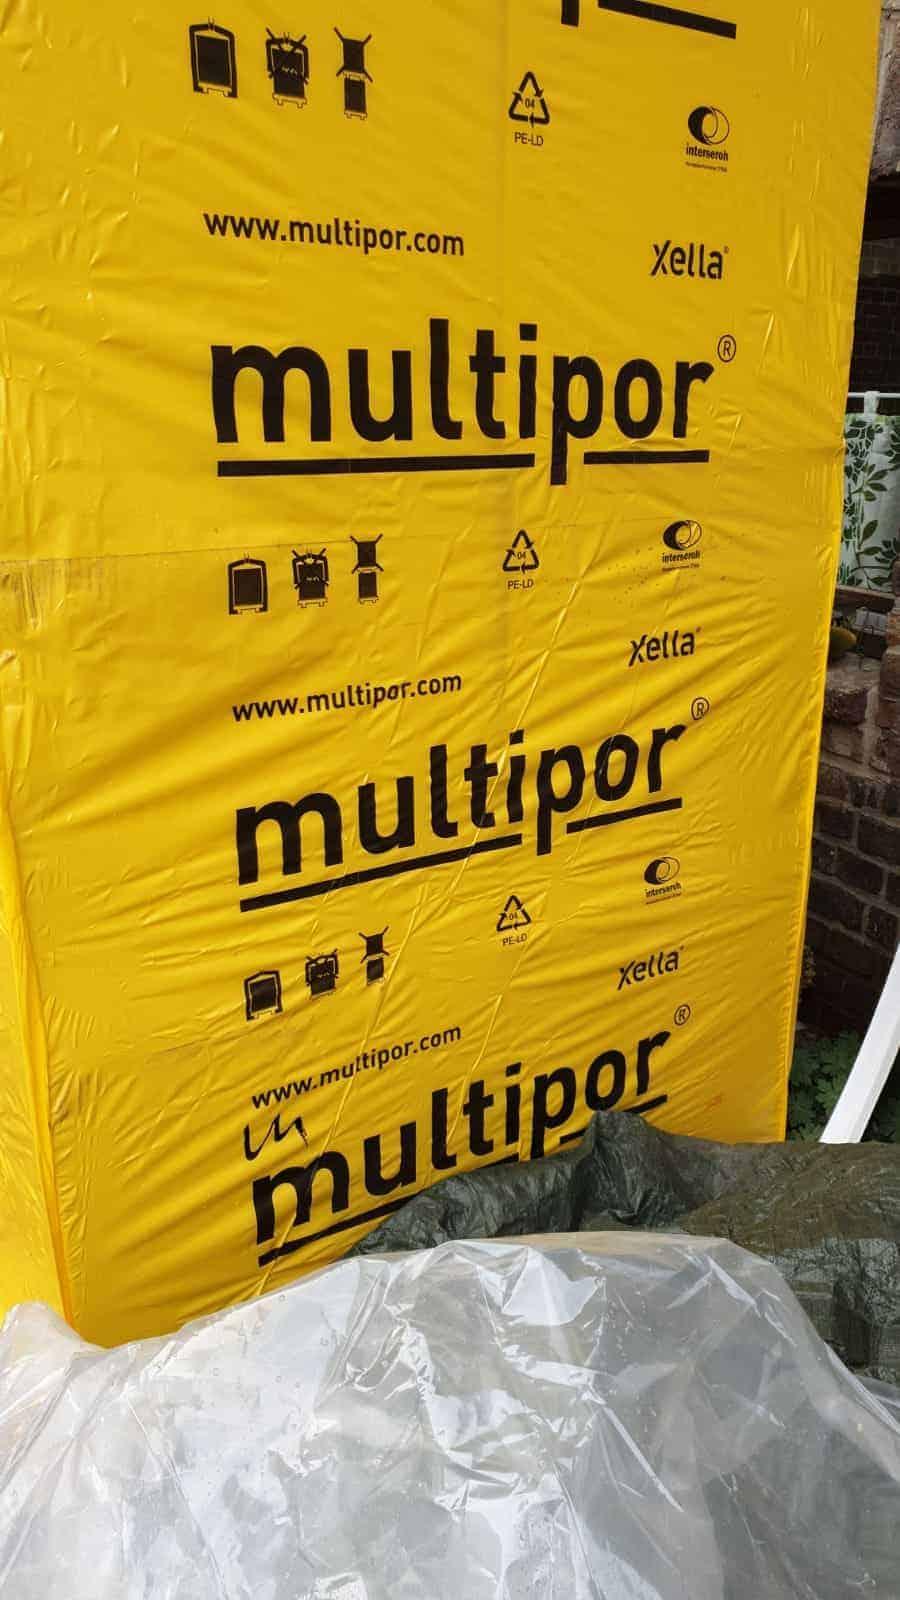 33,7 m² Multipor Dämmplatten 600x390x100 mm auf 2 Paletten